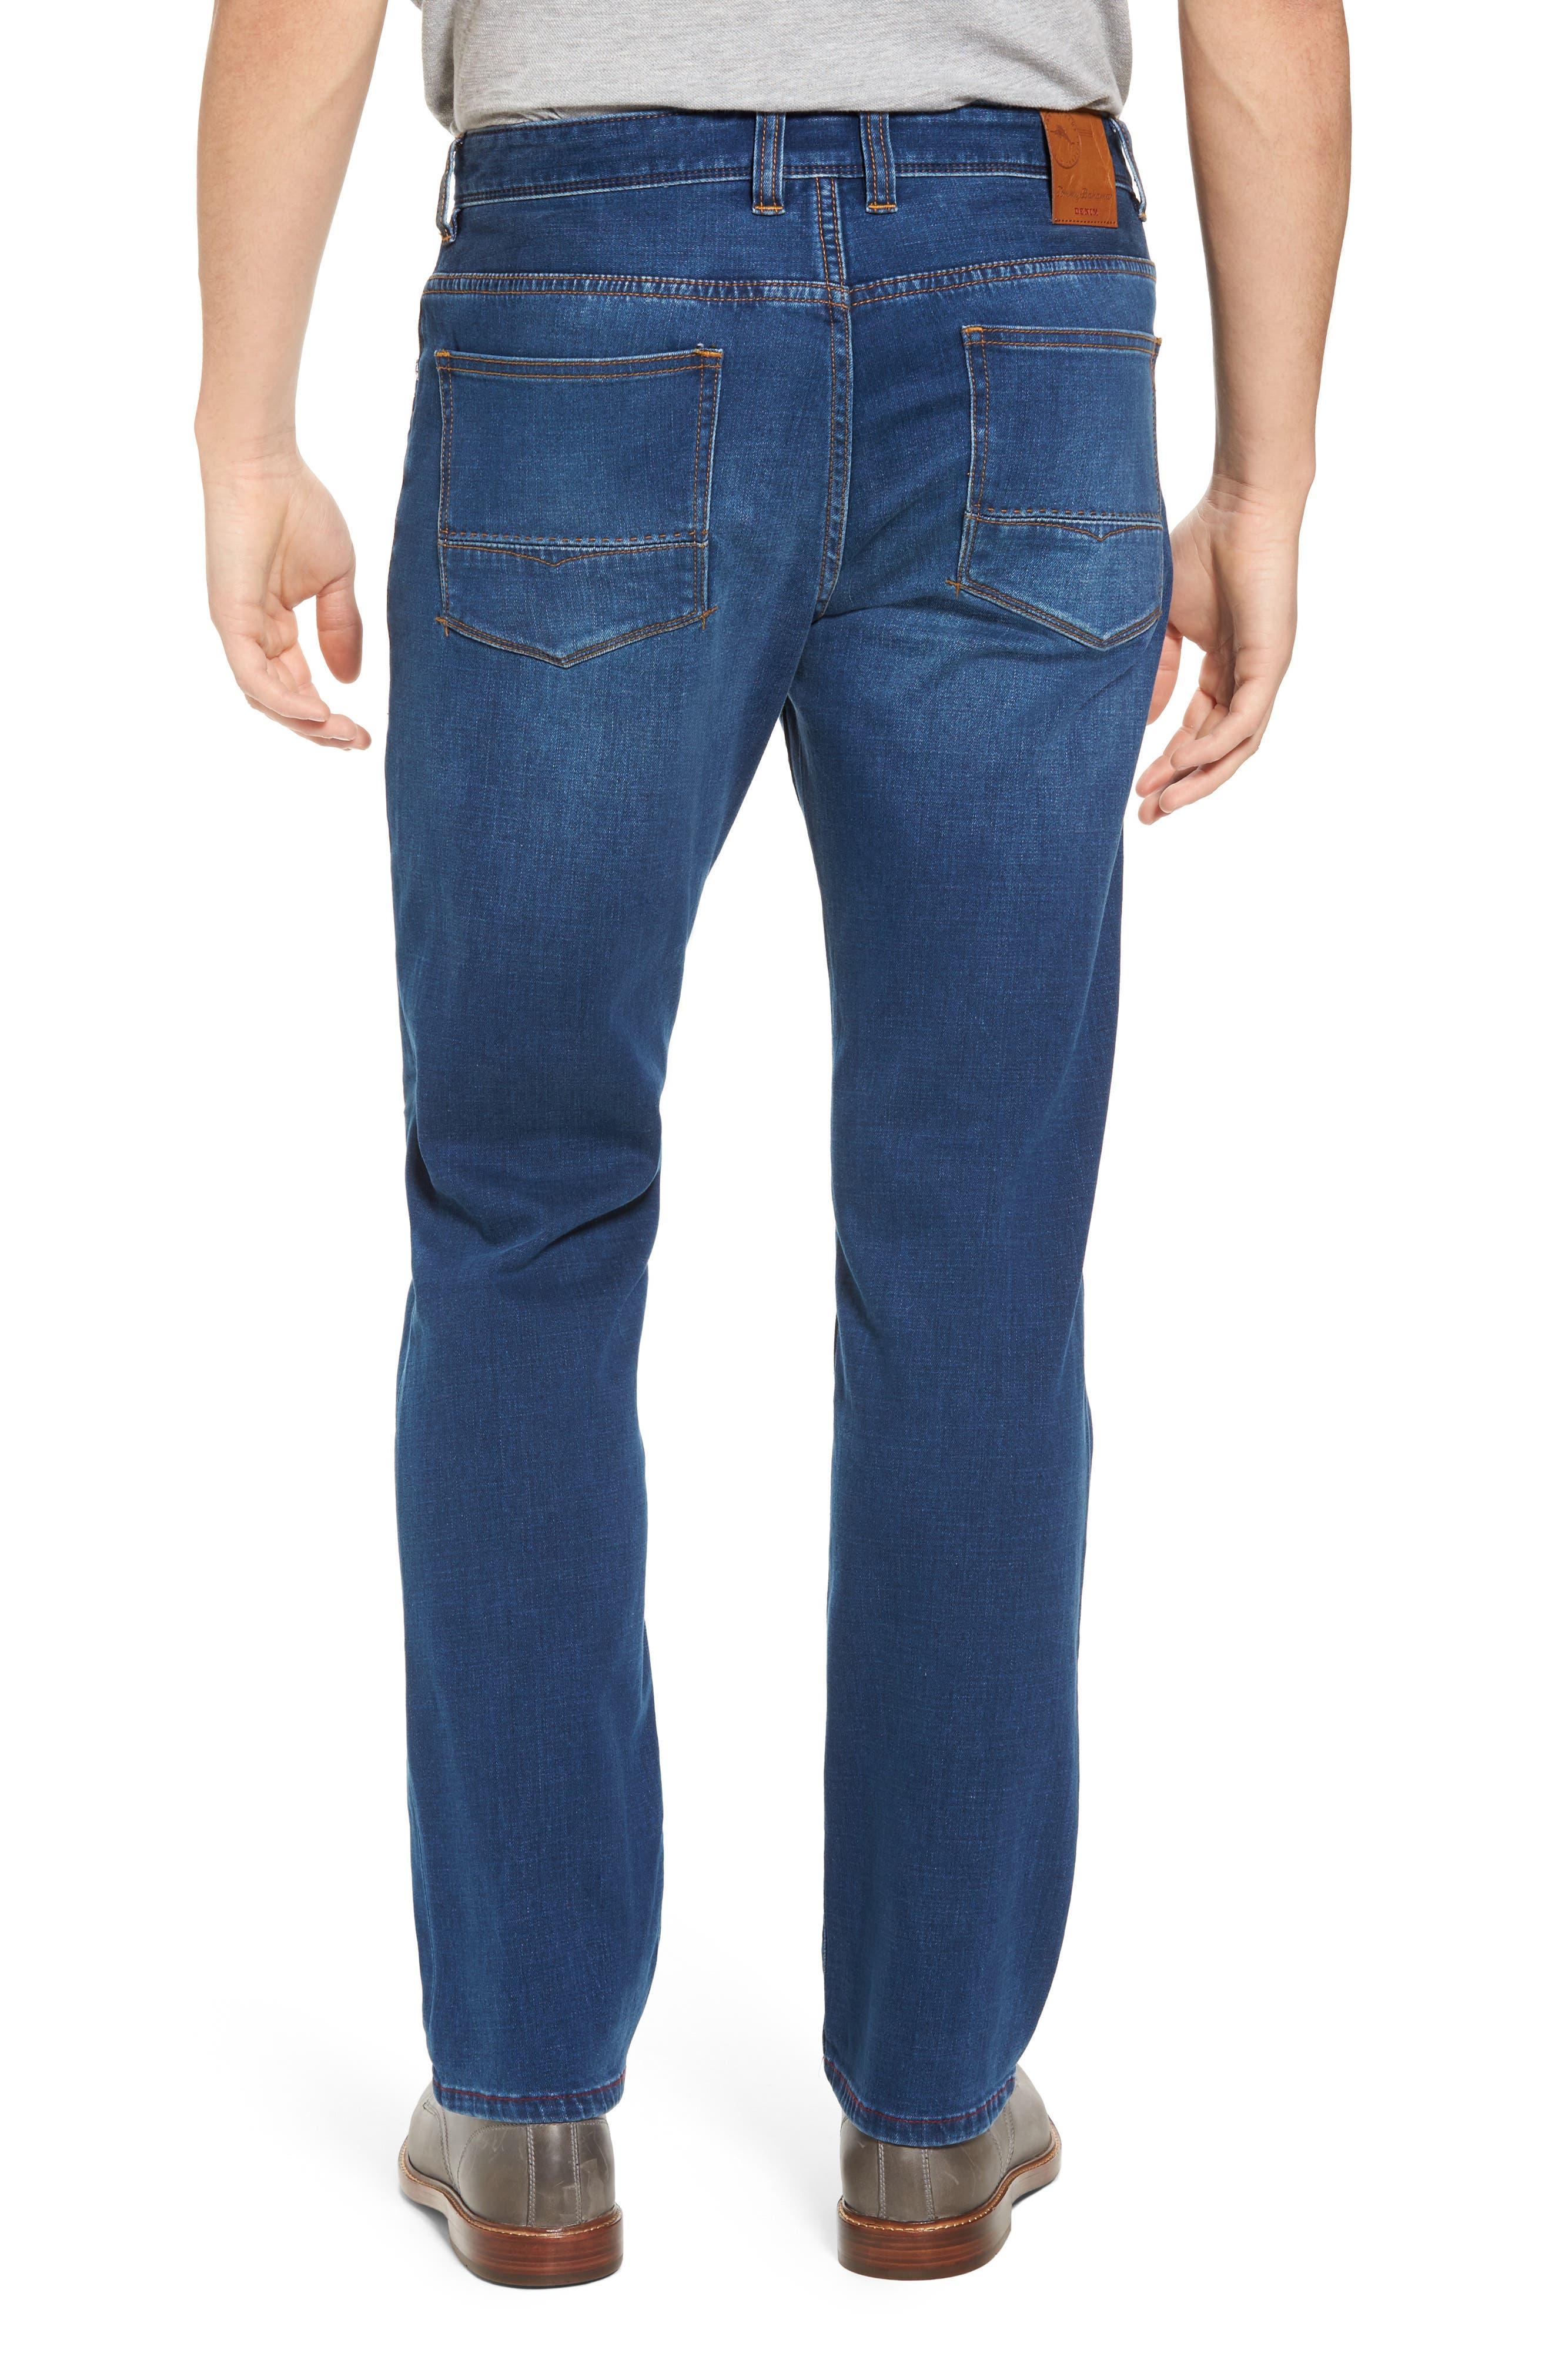 Caicos Authentic Fit Jeans,                             Alternate thumbnail 2, color,                             Medium Indigo